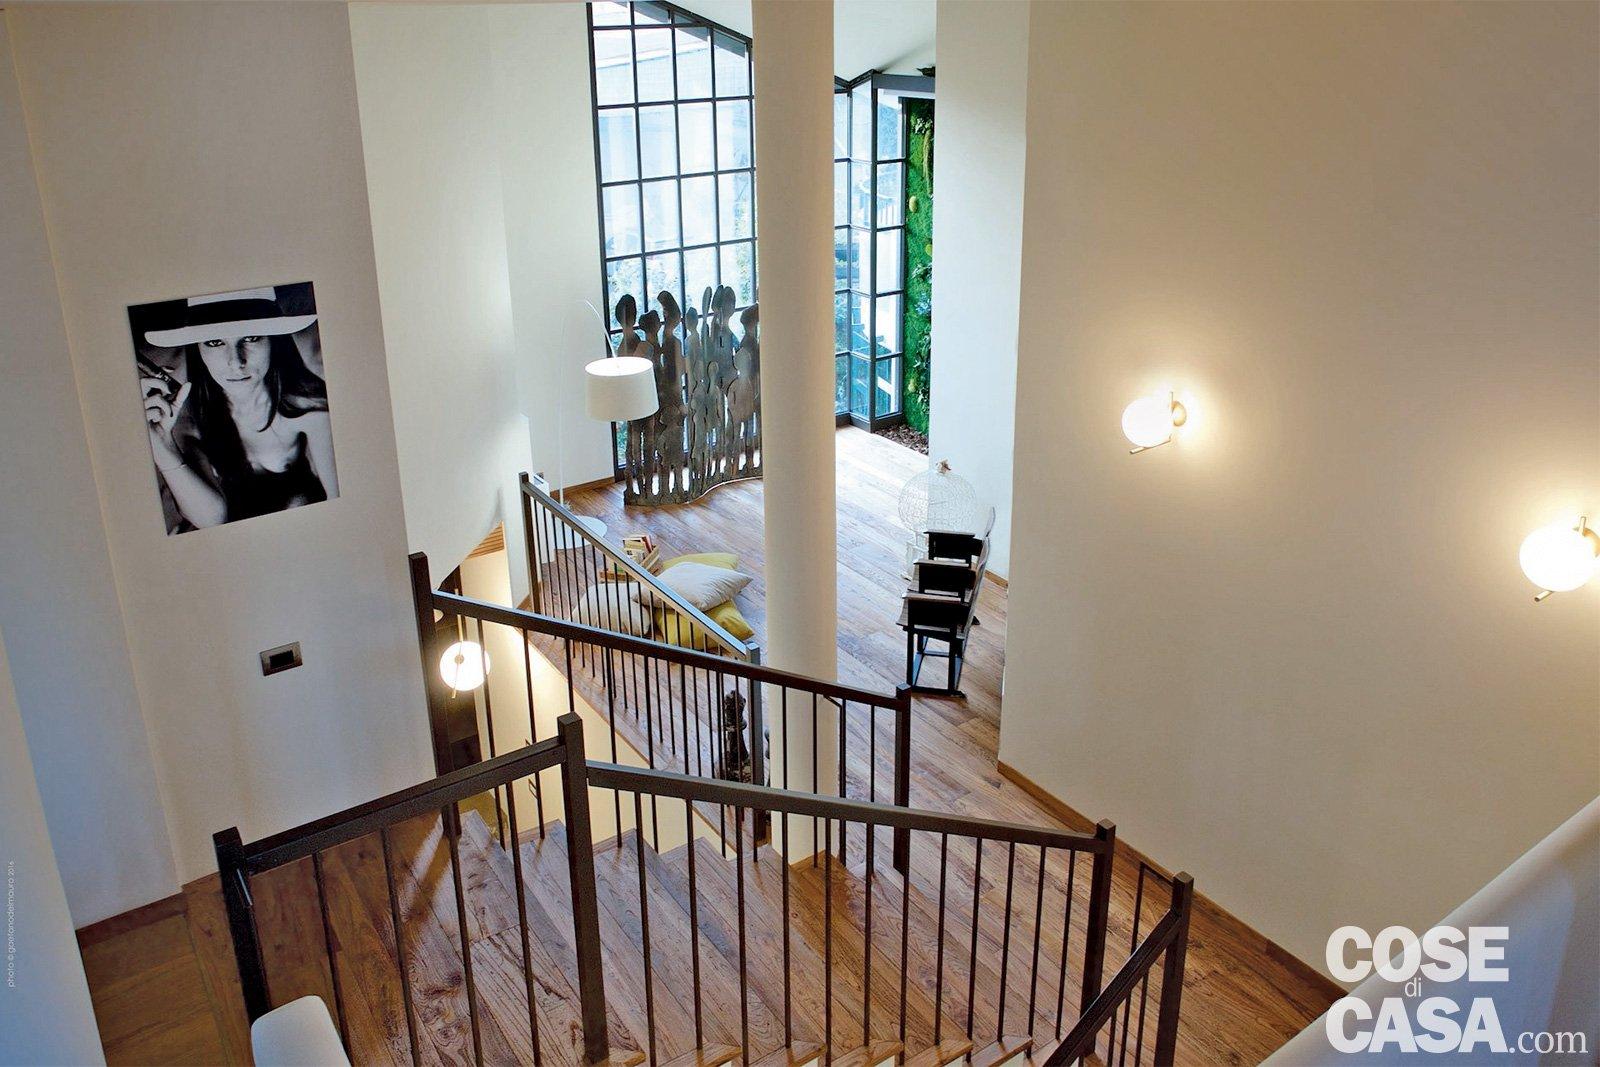 Casa estilo rustico moderno buscar con google outdoor spaces